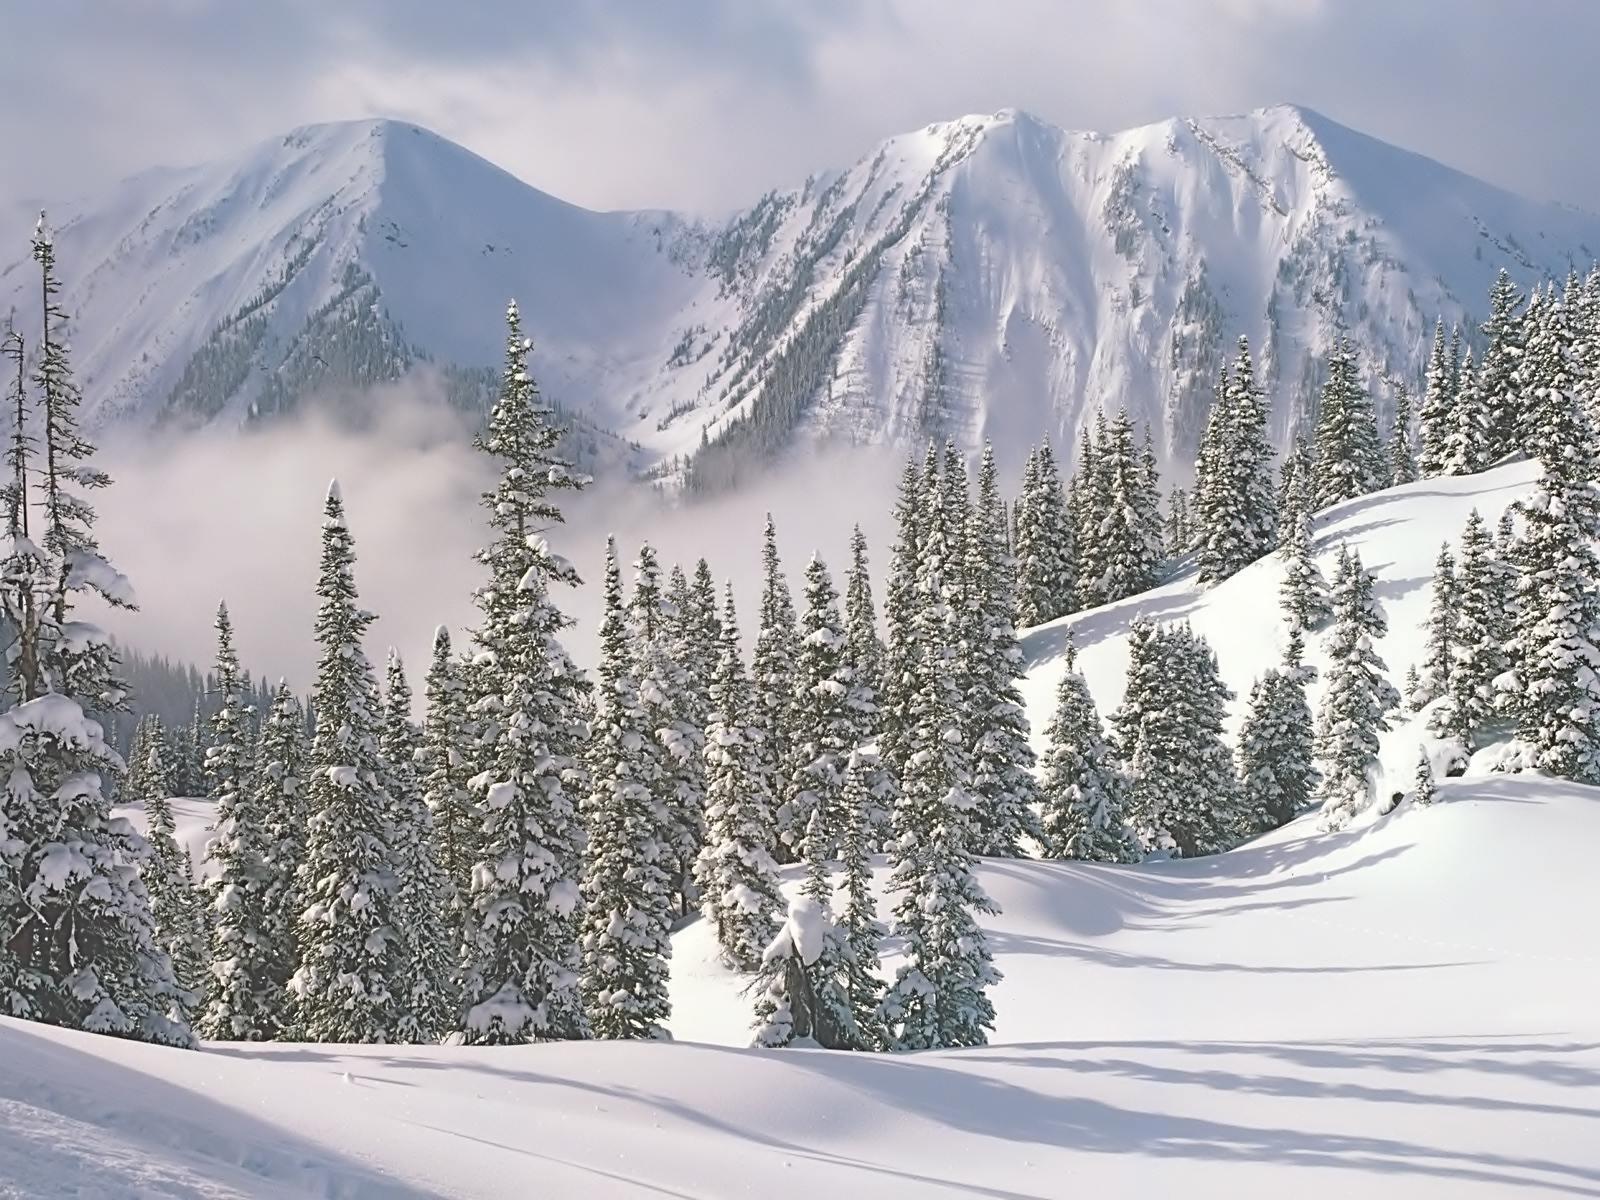 世界上最长山脉安第斯山脉的雪景